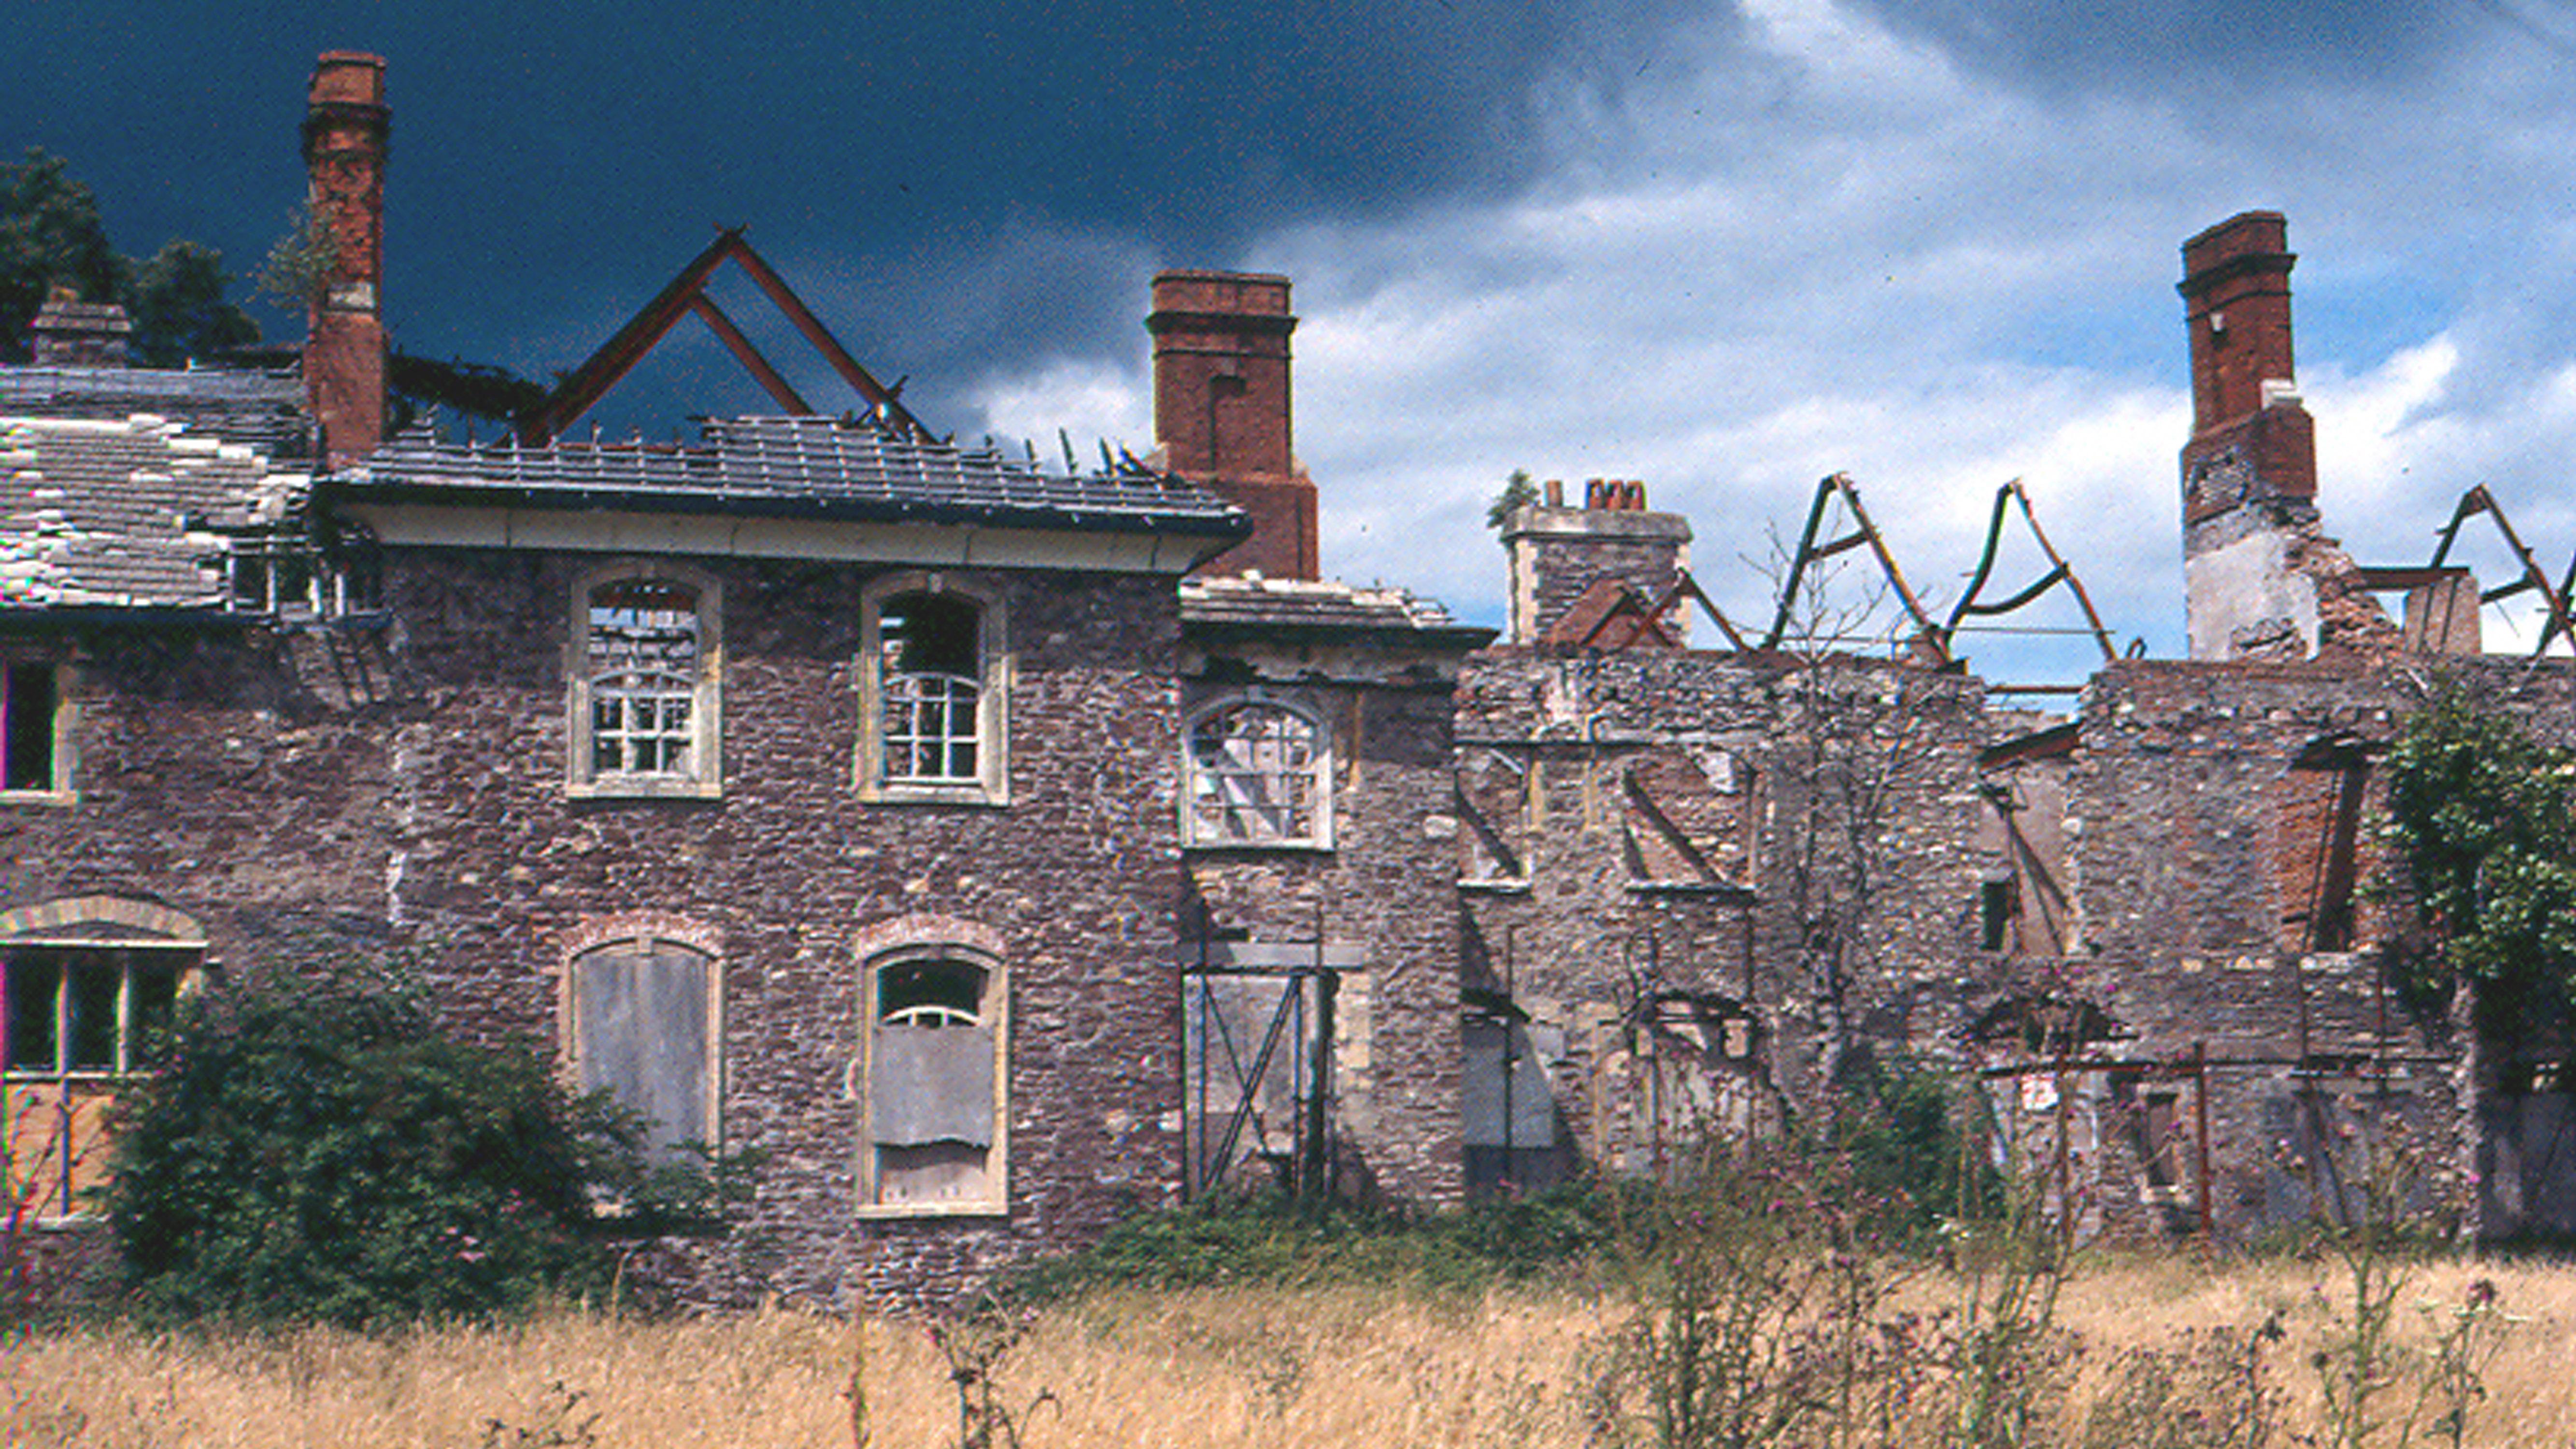 Burnt Building Before Restoration